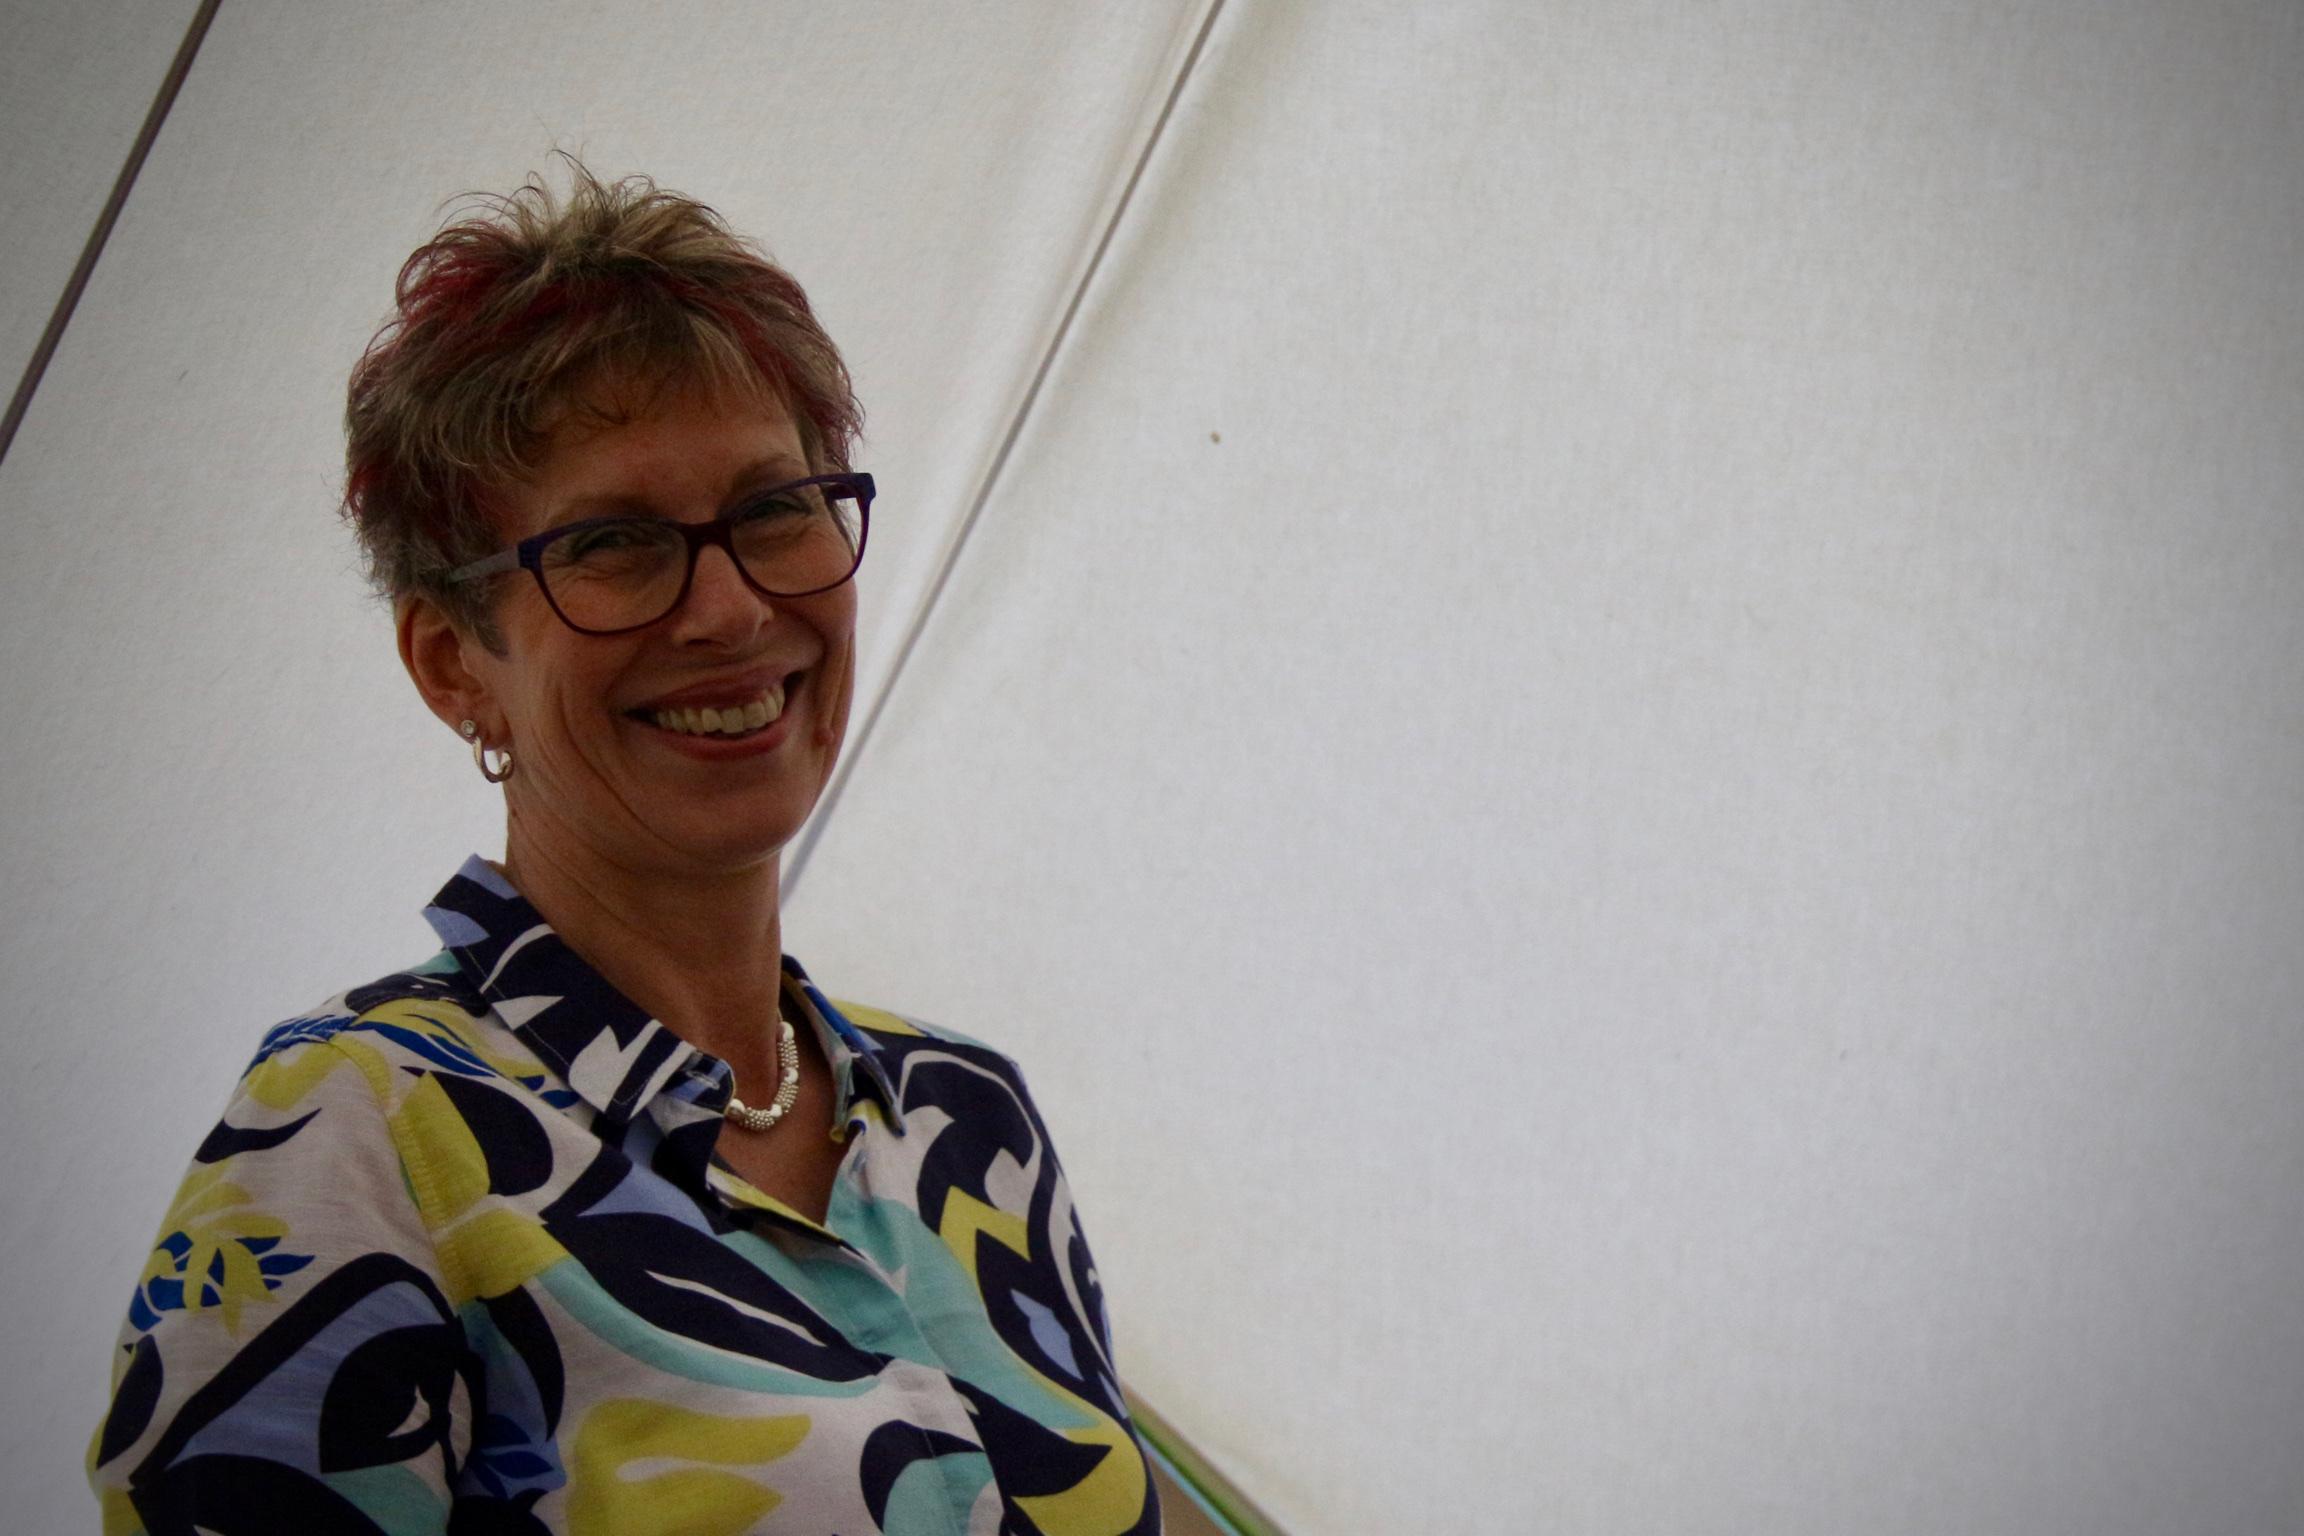 Judie Ellis